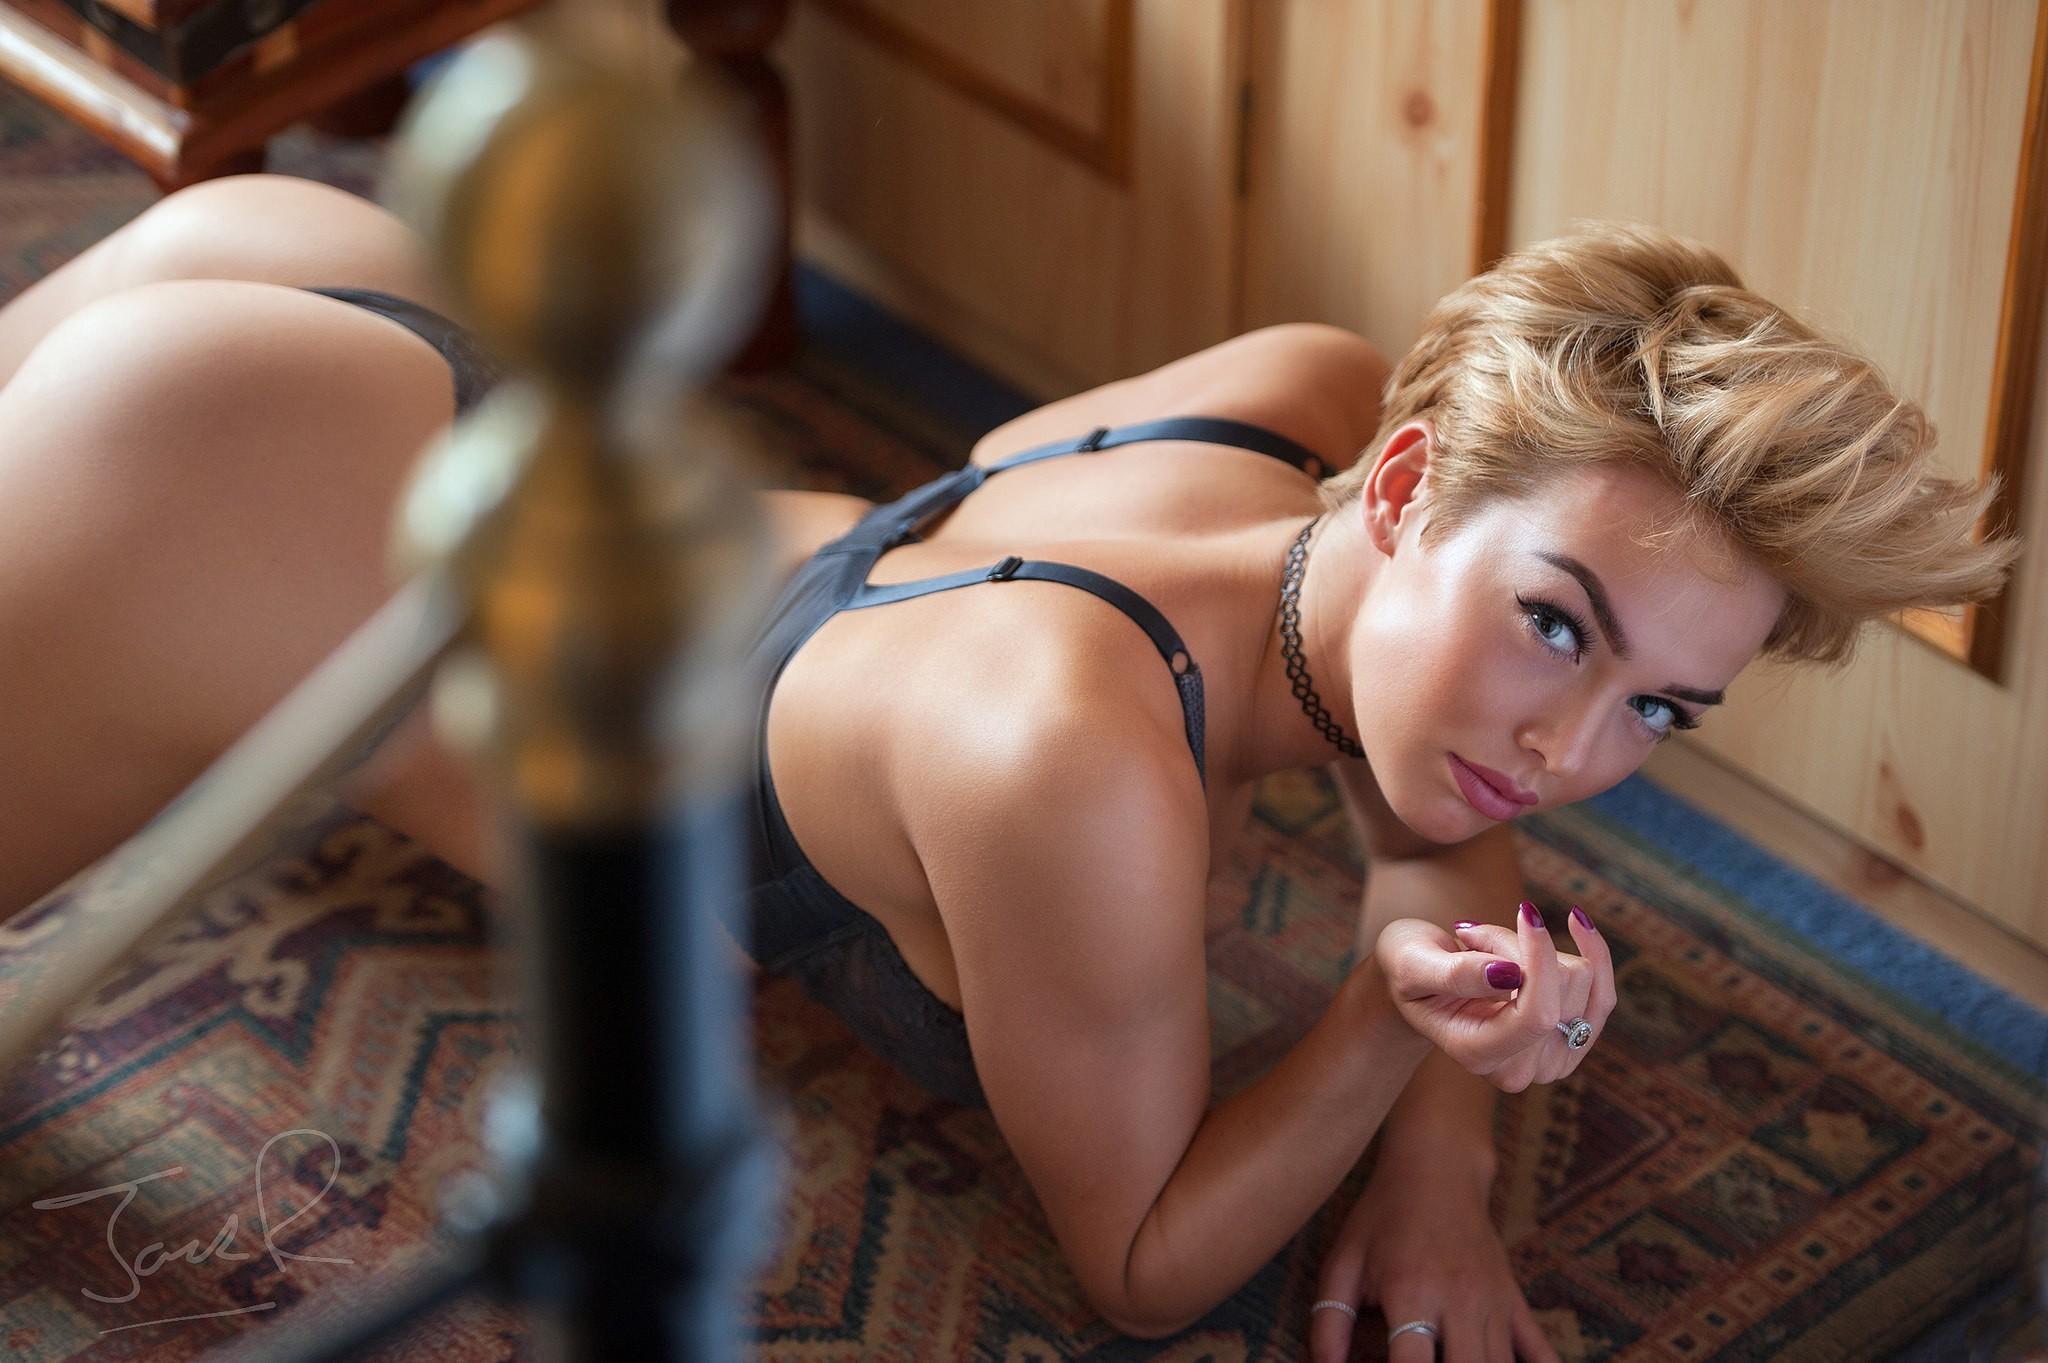 rosie robinson, on the floor, blonde, looking at viewer, jack